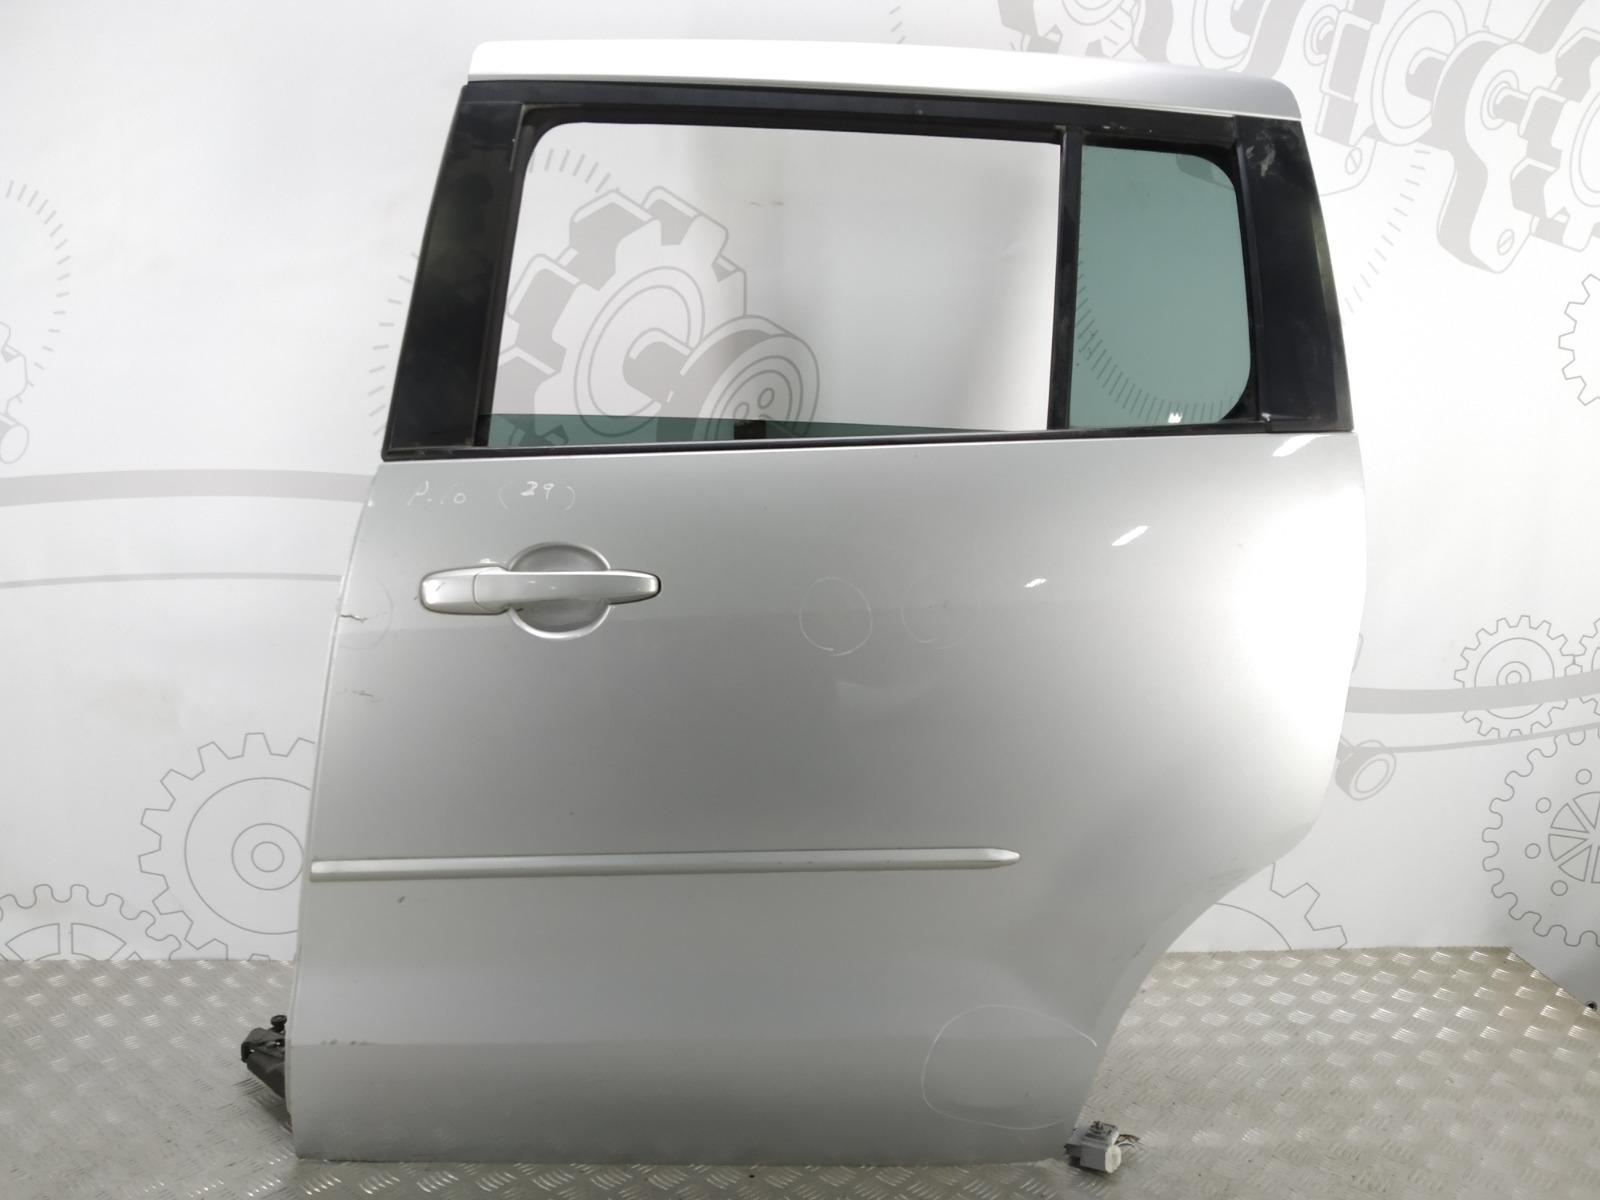 Дверь сдвижная левая Mazda 5 2.0 TD 2006 (б/у)